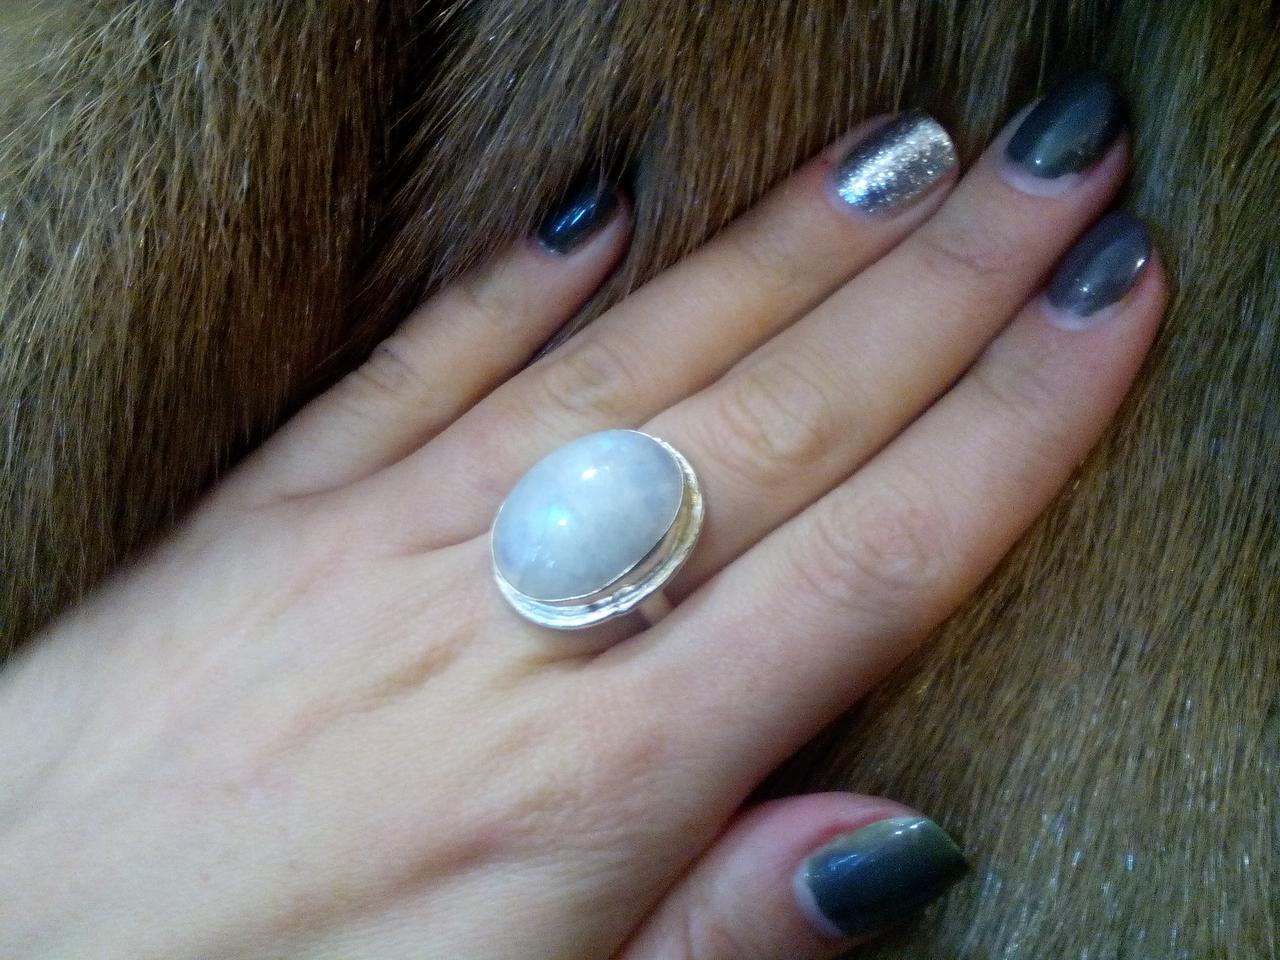 Кольцо овальное с натуральным камнем - лунный камень в серебре.Кольцо с лунным камнем.Размер 18,5.